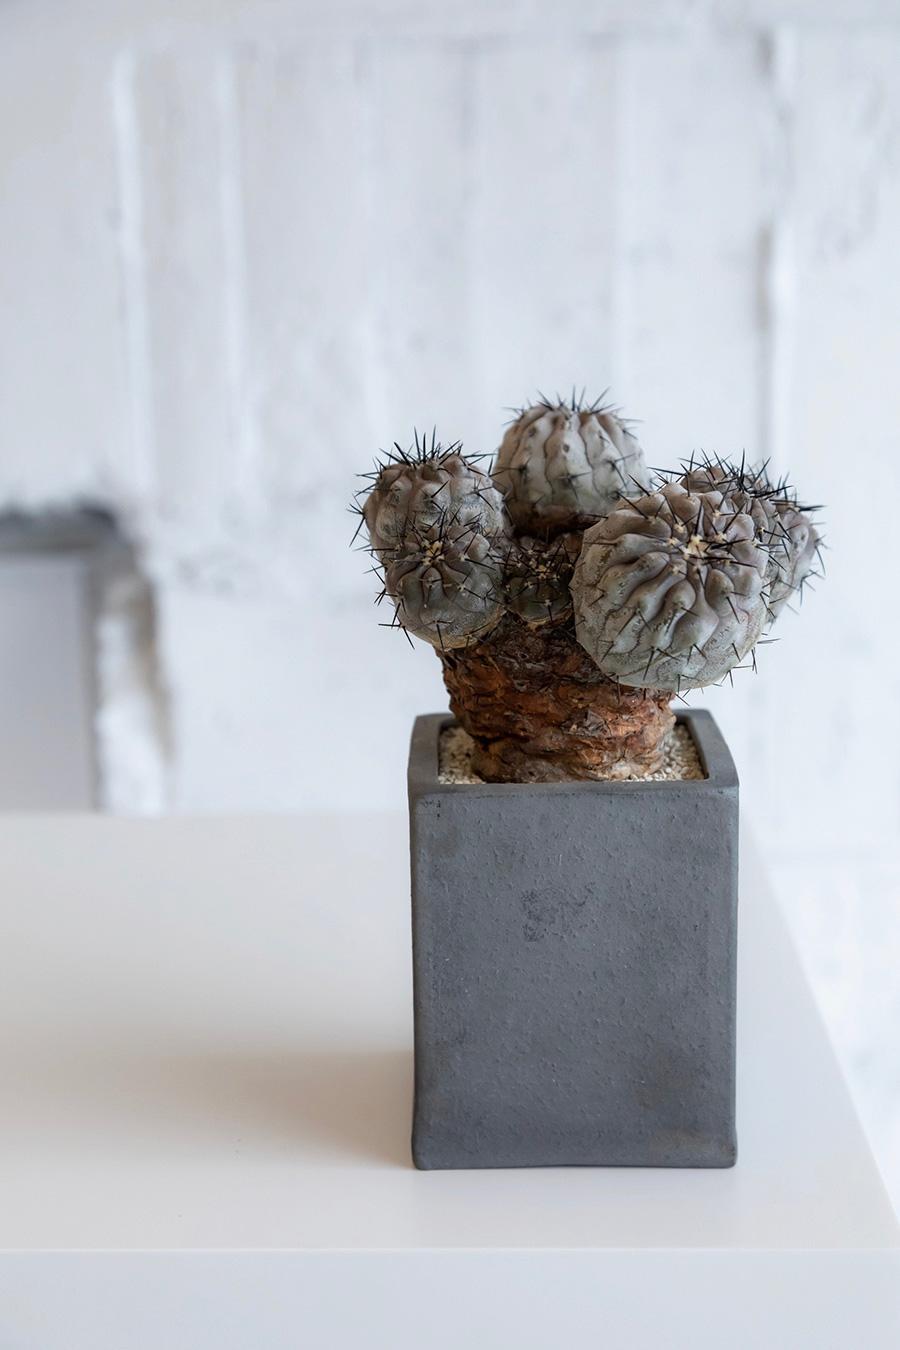 紫肌黒王丸(むらさきはだこくおうまる)  ¥100,000 ほんのりと紫がかった美しい植物。 木化した個体は、骨董品のような味わいになるのも魅力のひとつ。 植物の美しさを際立たせるために選ばれた鉢は、無味無臭のプロダクト。